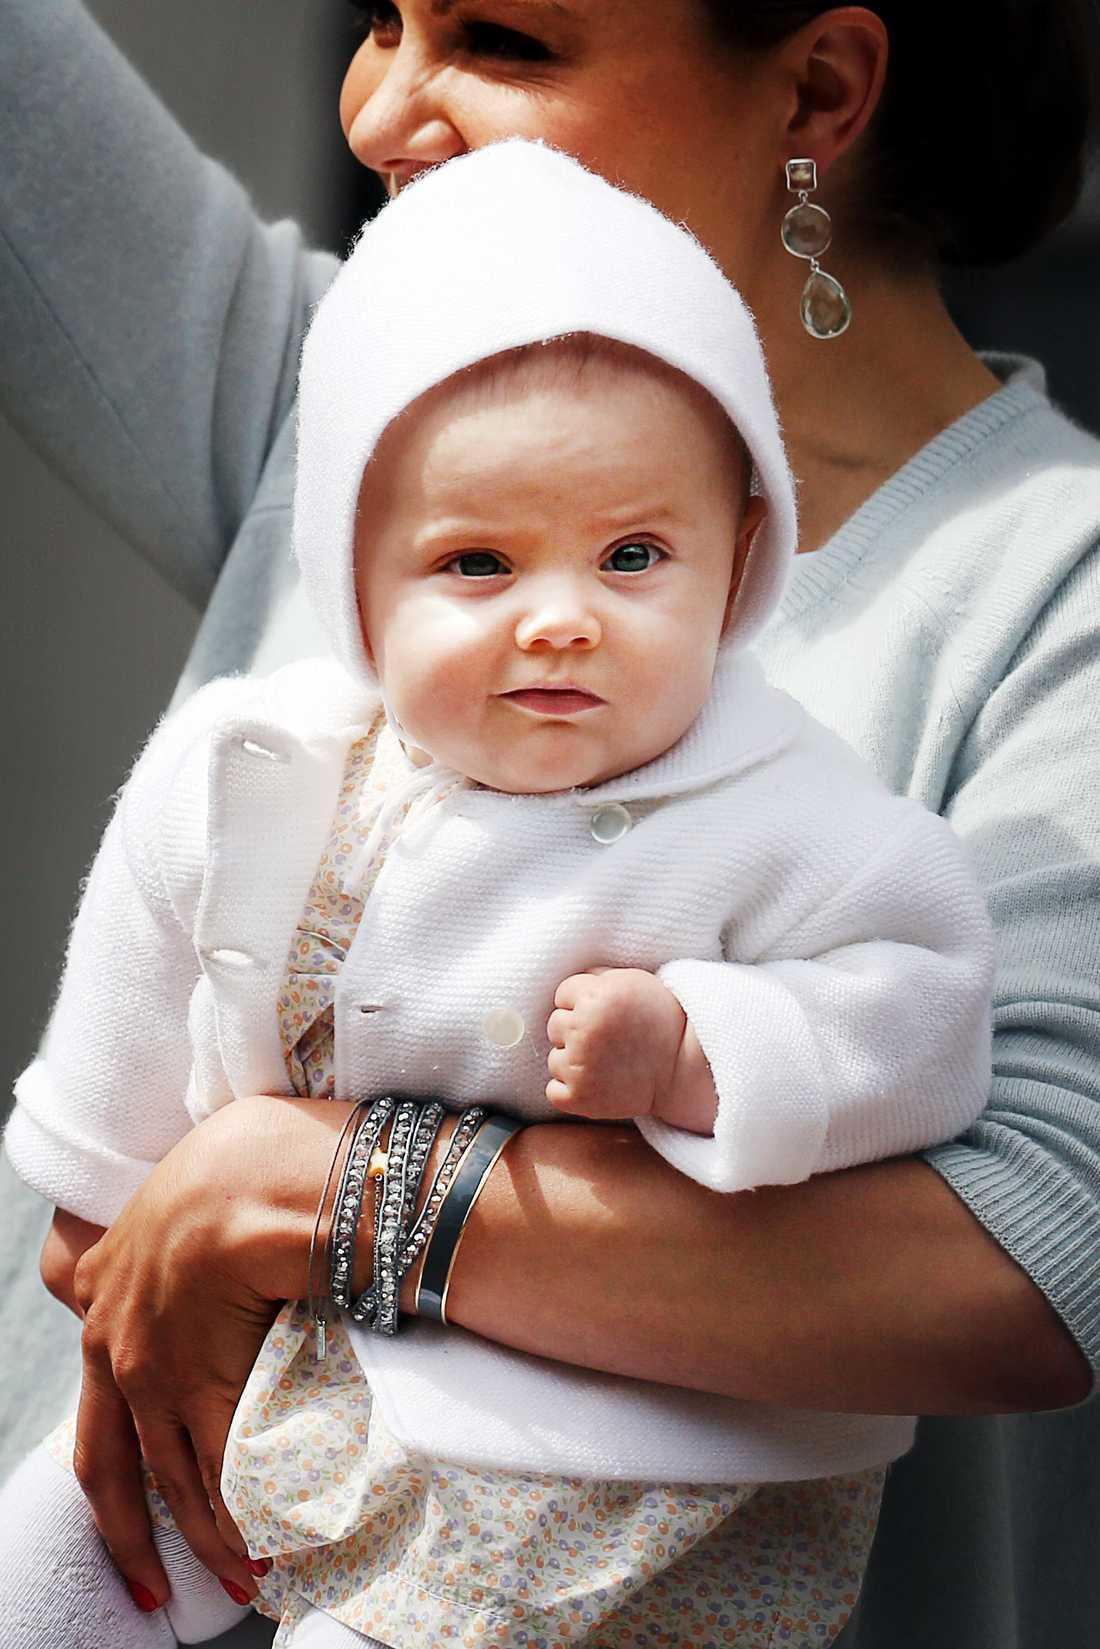 På mamma Victorias 35 års-dag kom Estelle ordentligt påpälsad i mysig kofta och huva.